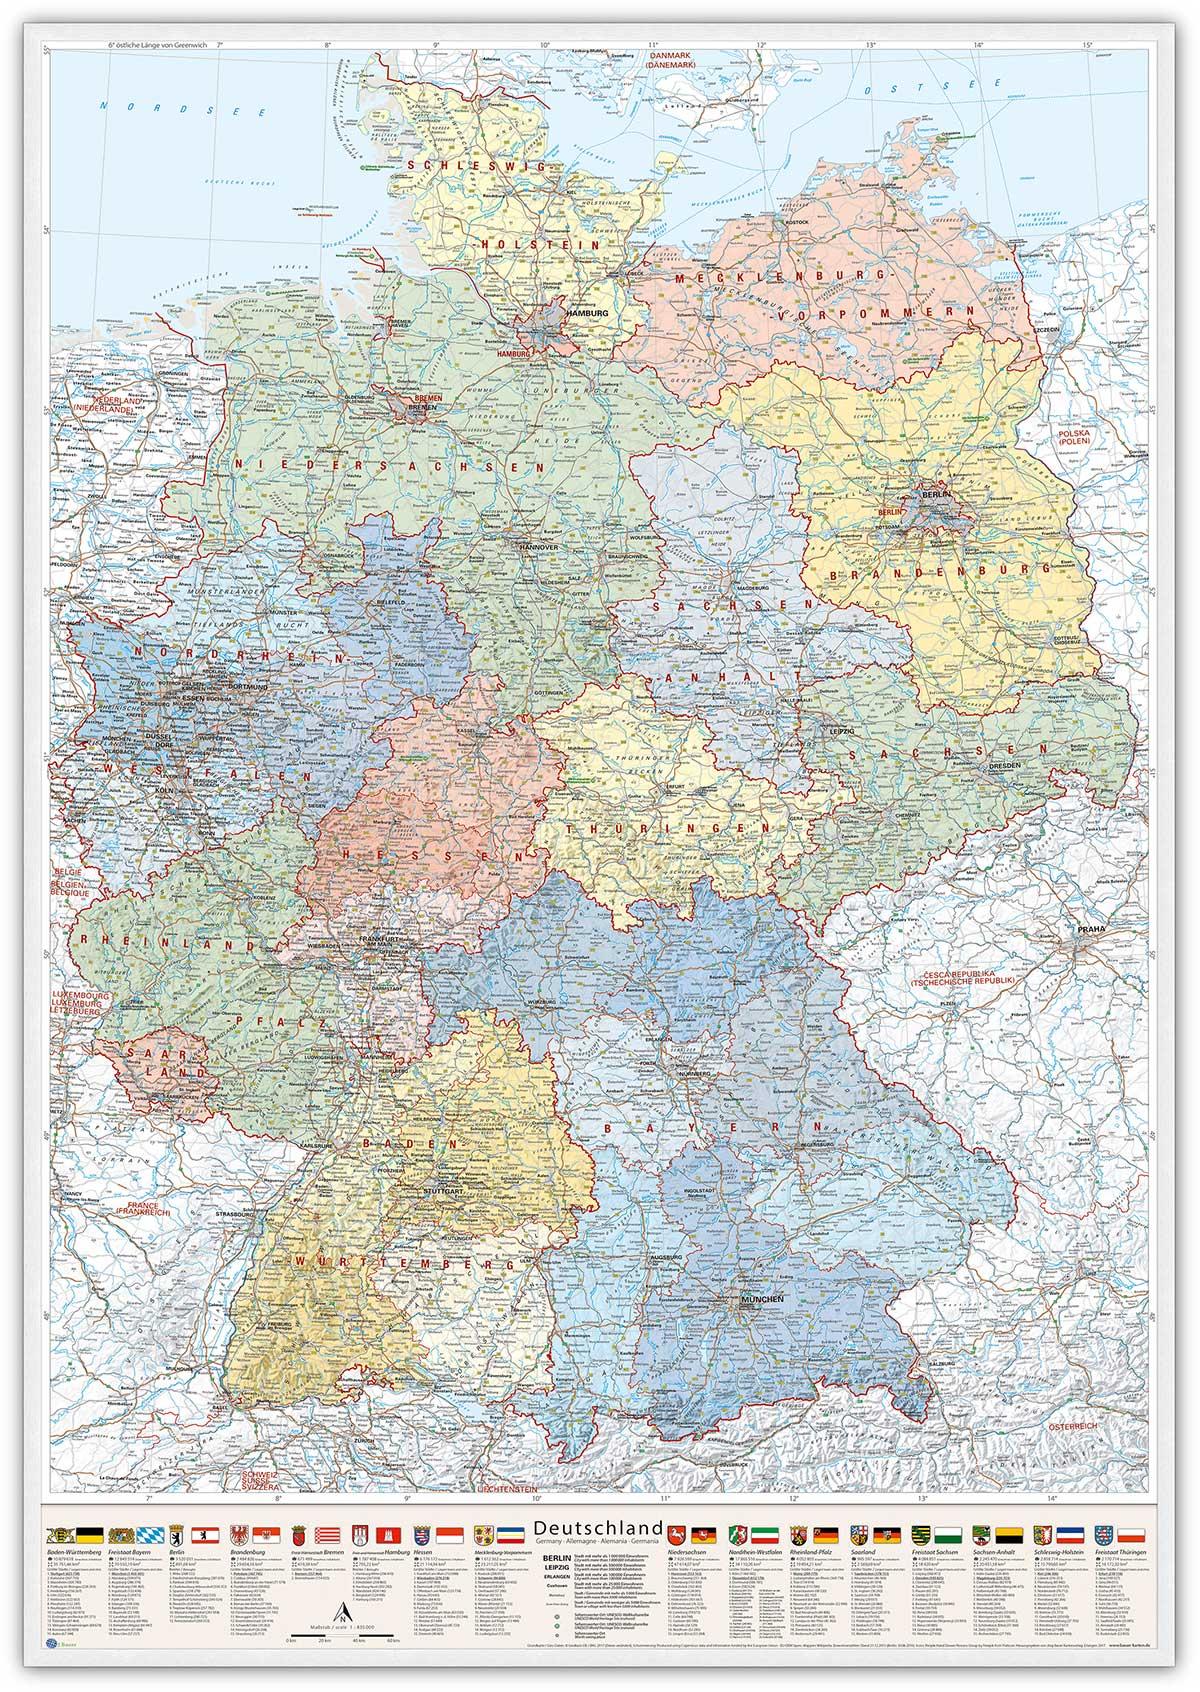 Deutschland-Karte Politisch (Bundesländer), 80 x 120 cm, Pinnwand im Holz-Rahmen (weiß)